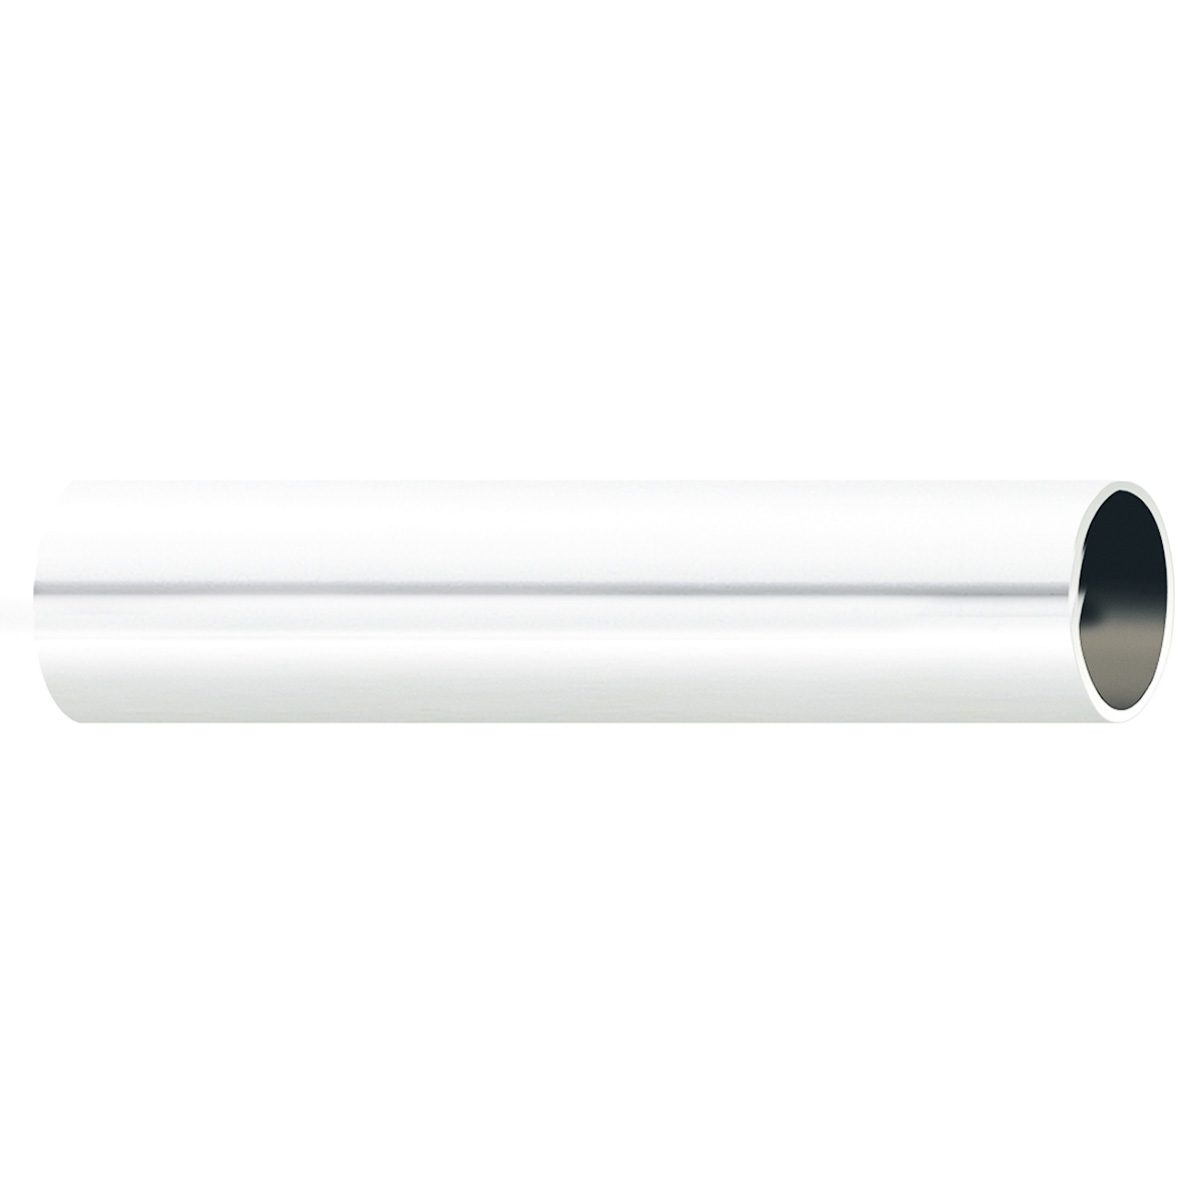 Tube de tringle Ø 20 mm (Blanc)